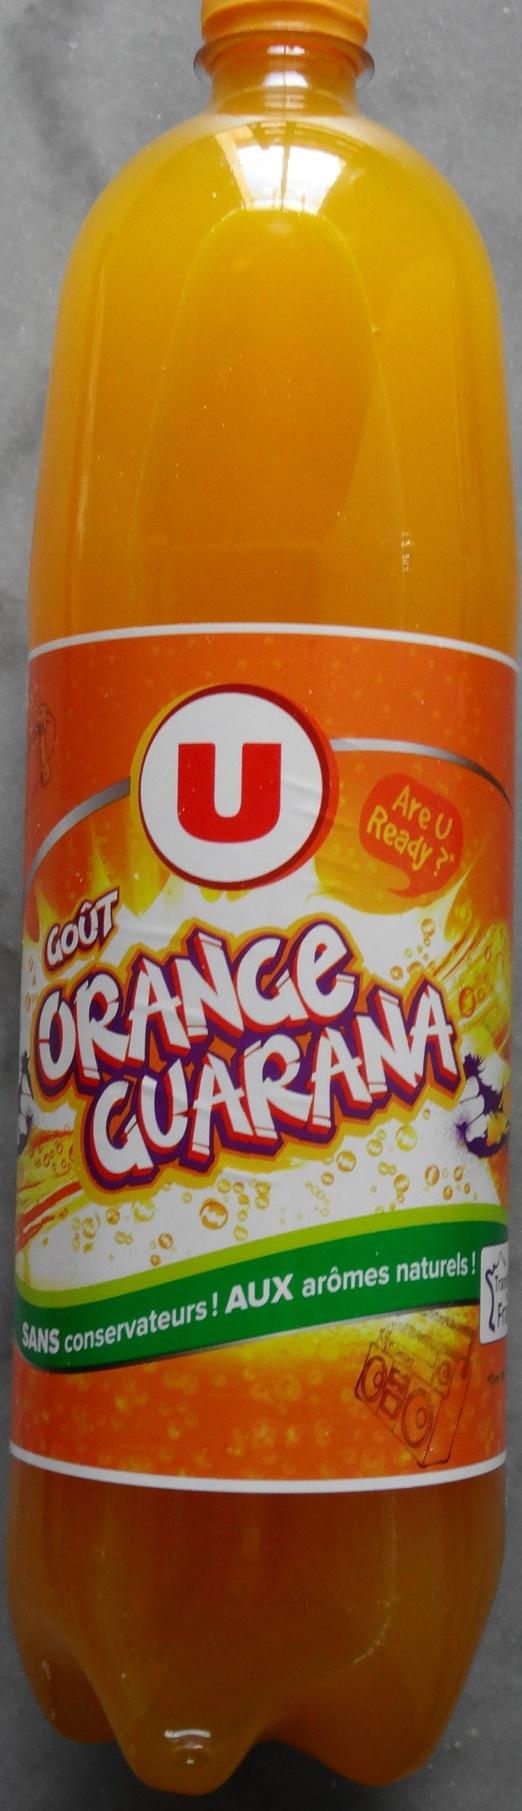 Orange Guarana - Produit